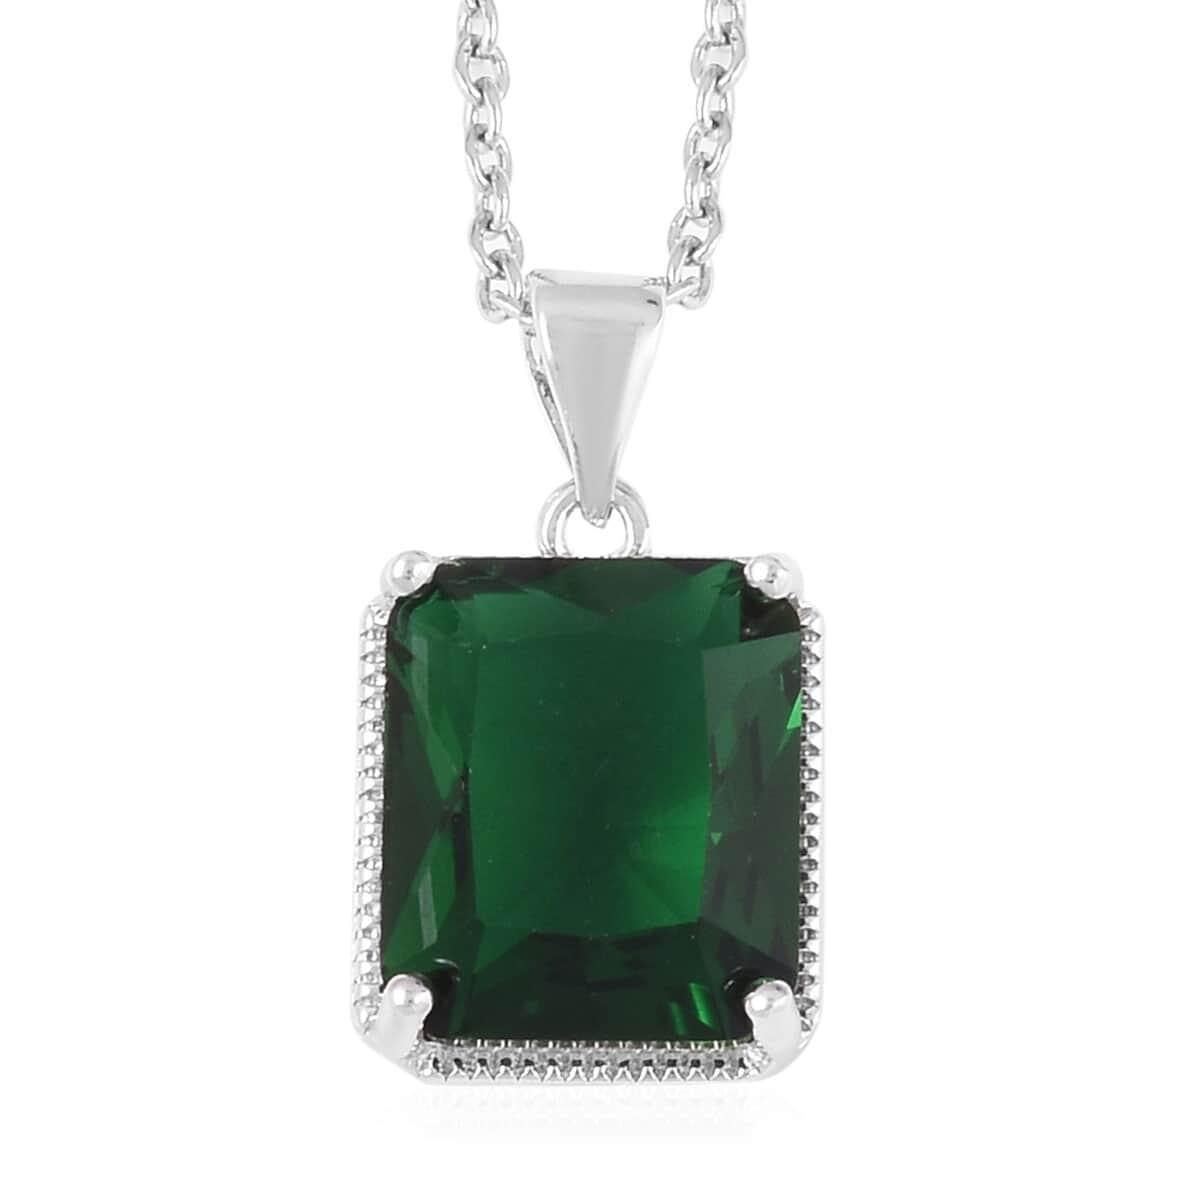 12-Color-Options-Cubic-Zirconia-Bracelet-Chain-Pendant-Necklace-Set-Adjustable thumbnail 32